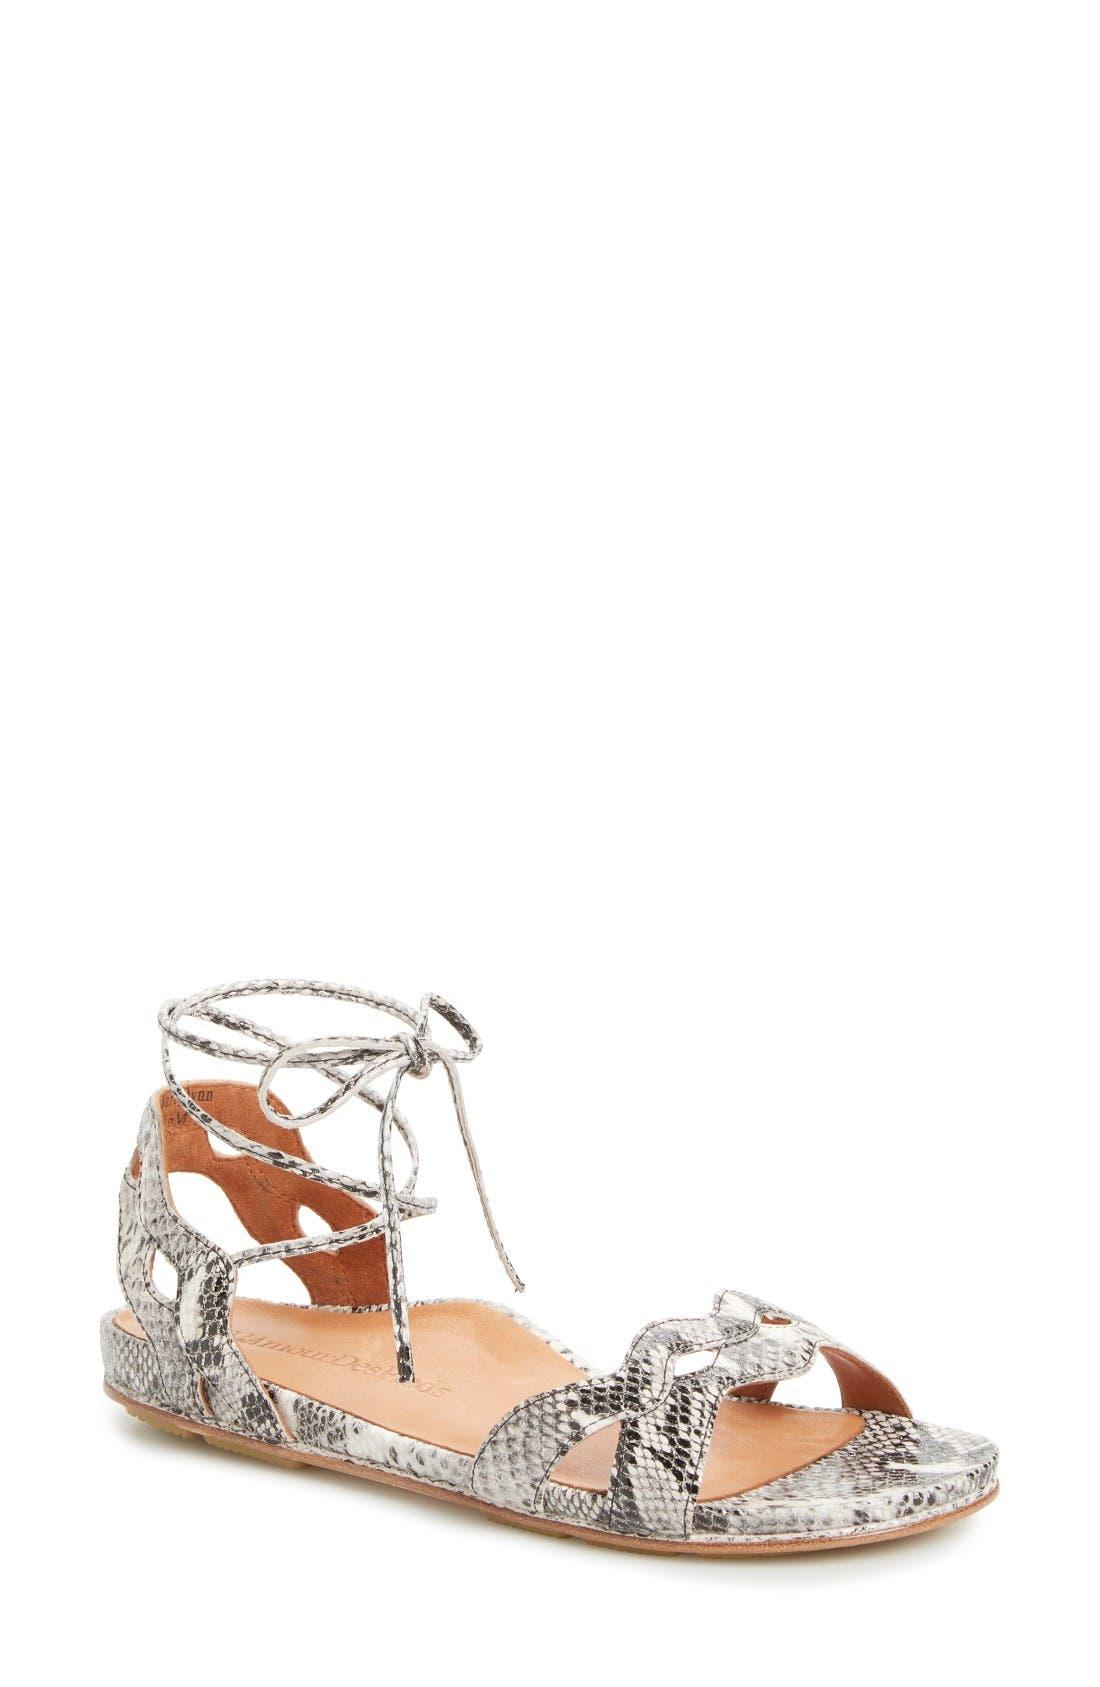 L'AMOUR DES PIEDS Darrylynn Wraparound Lace-Up Sandal